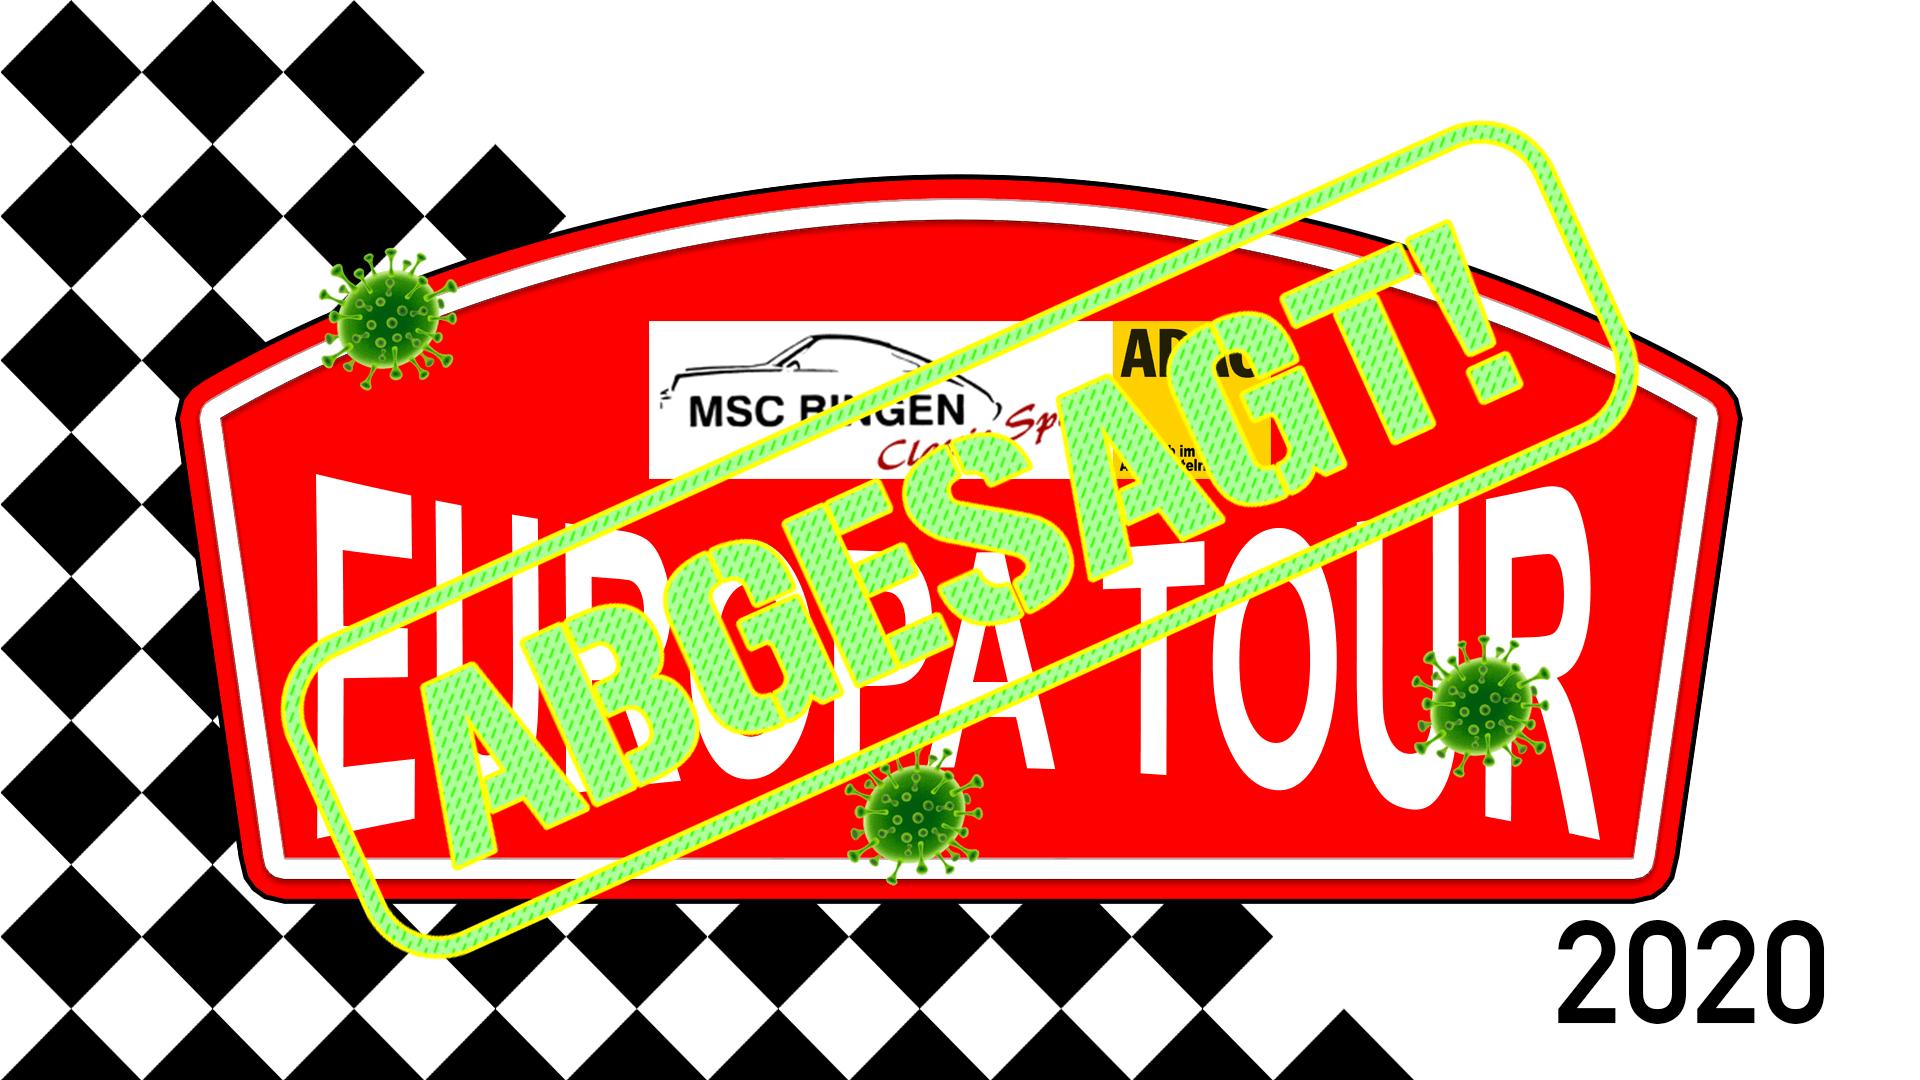 MSC Bingen Europatour 2020 - Absage!